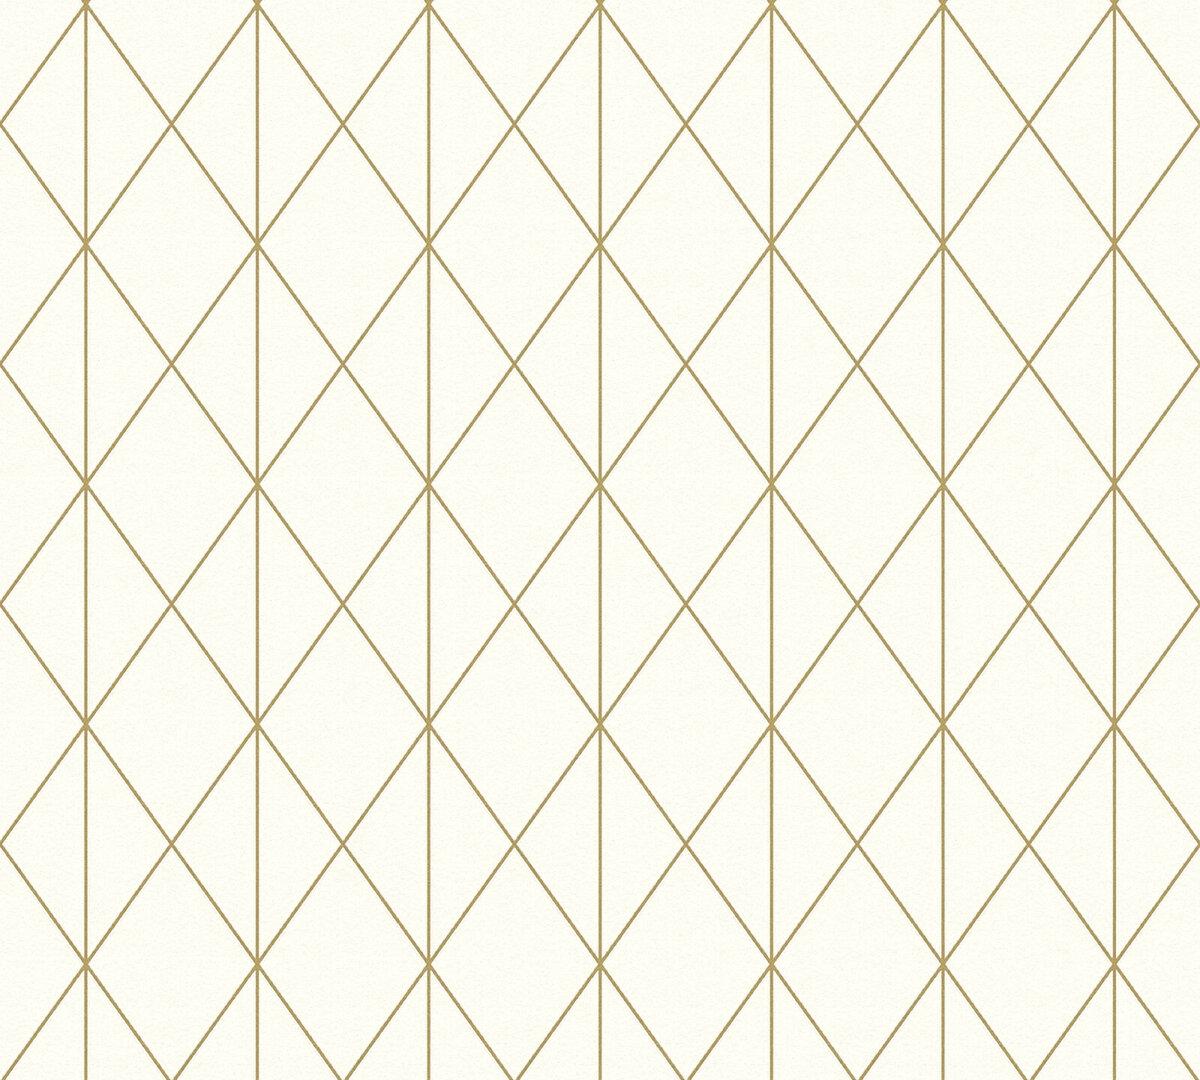 Bild 1 von A.S. Creation Vliestapete Designdschungel by Laura N.- gold metallic-creme - 10 Meter